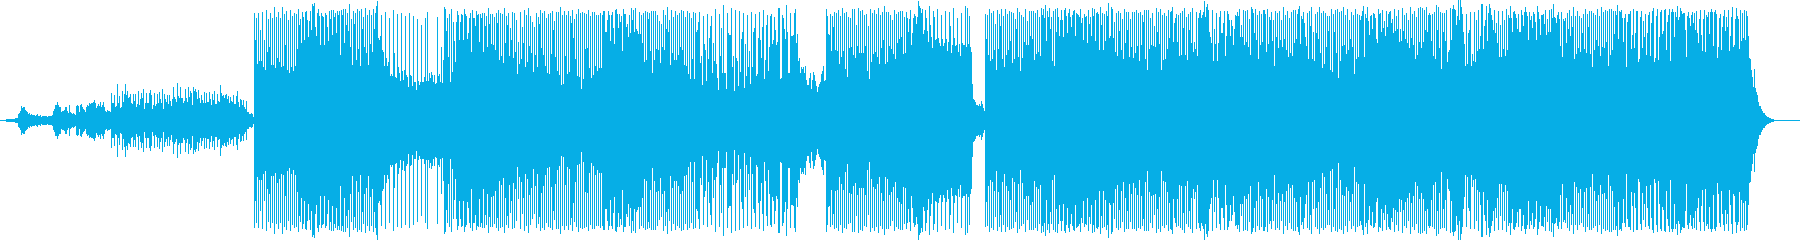 緊迫感のある疾走するテクノトランスの再生済みの波形